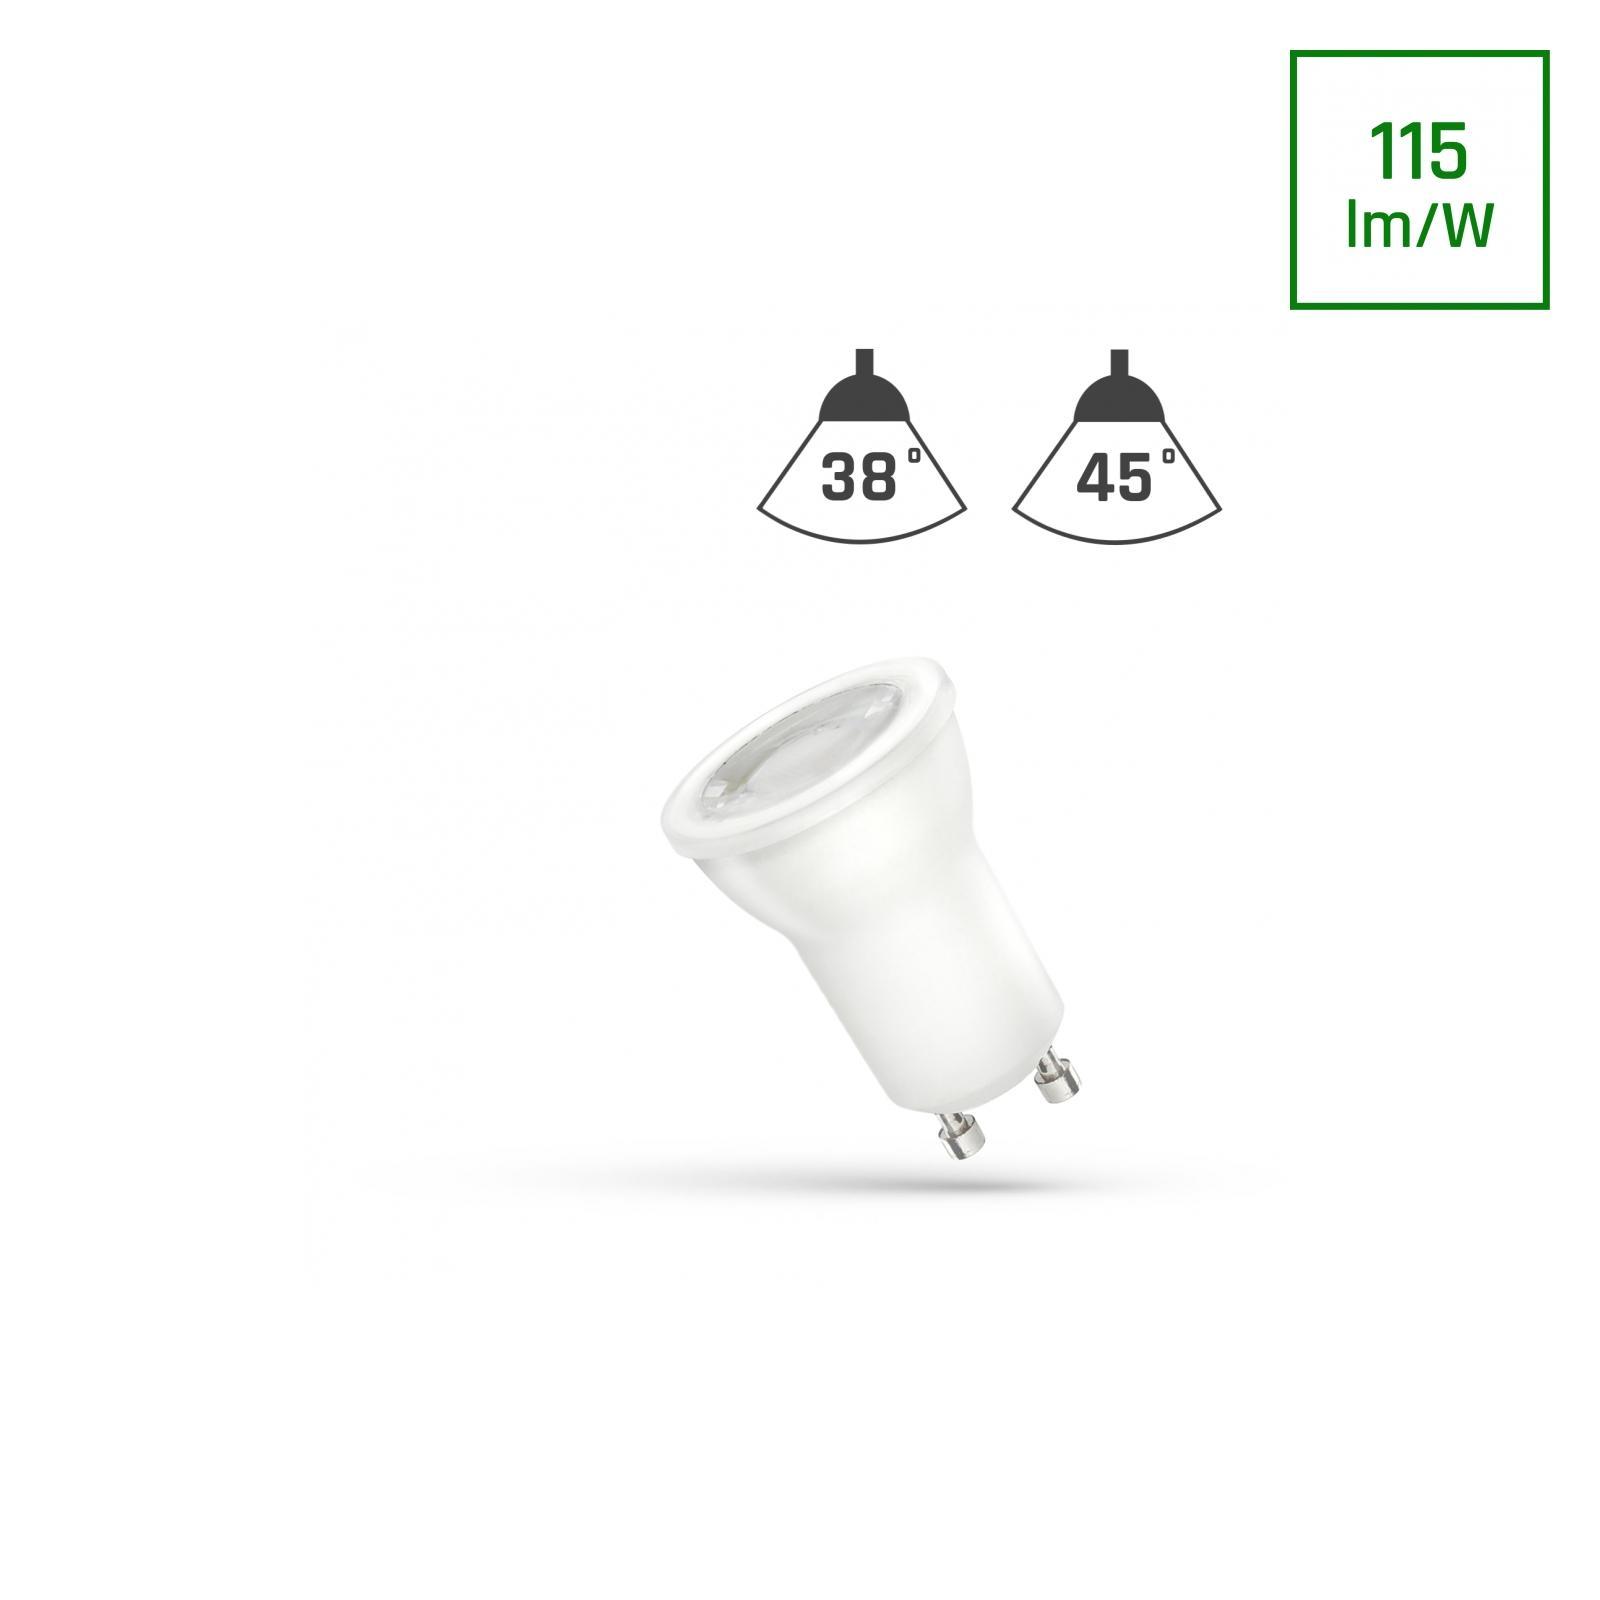 LED MR11 GU10 230V 2W SMD 45ST Teplá bílá s čočkou SPECTRUM